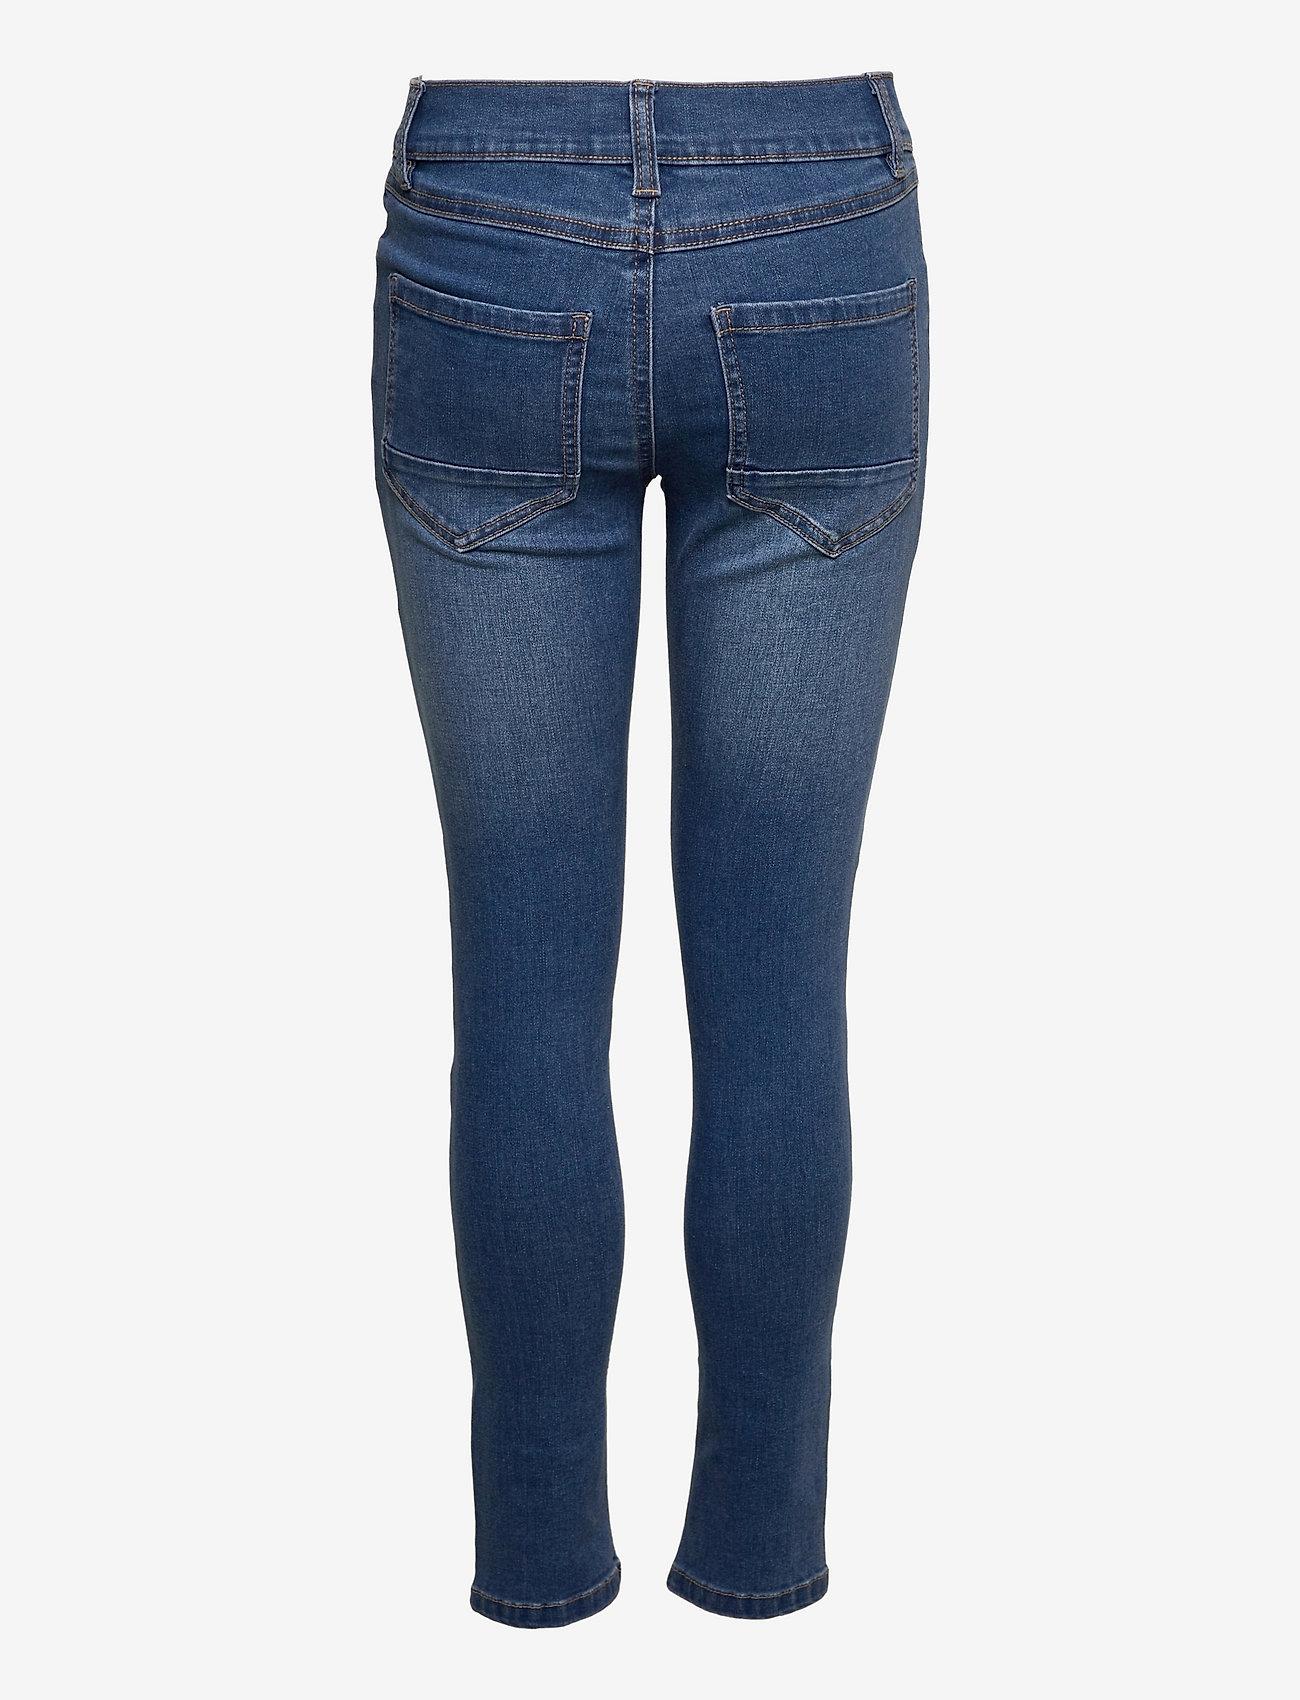 LMTD - NLMSIAN DNMTOGO 2533 PANT - jeans - medium blue denim - 1